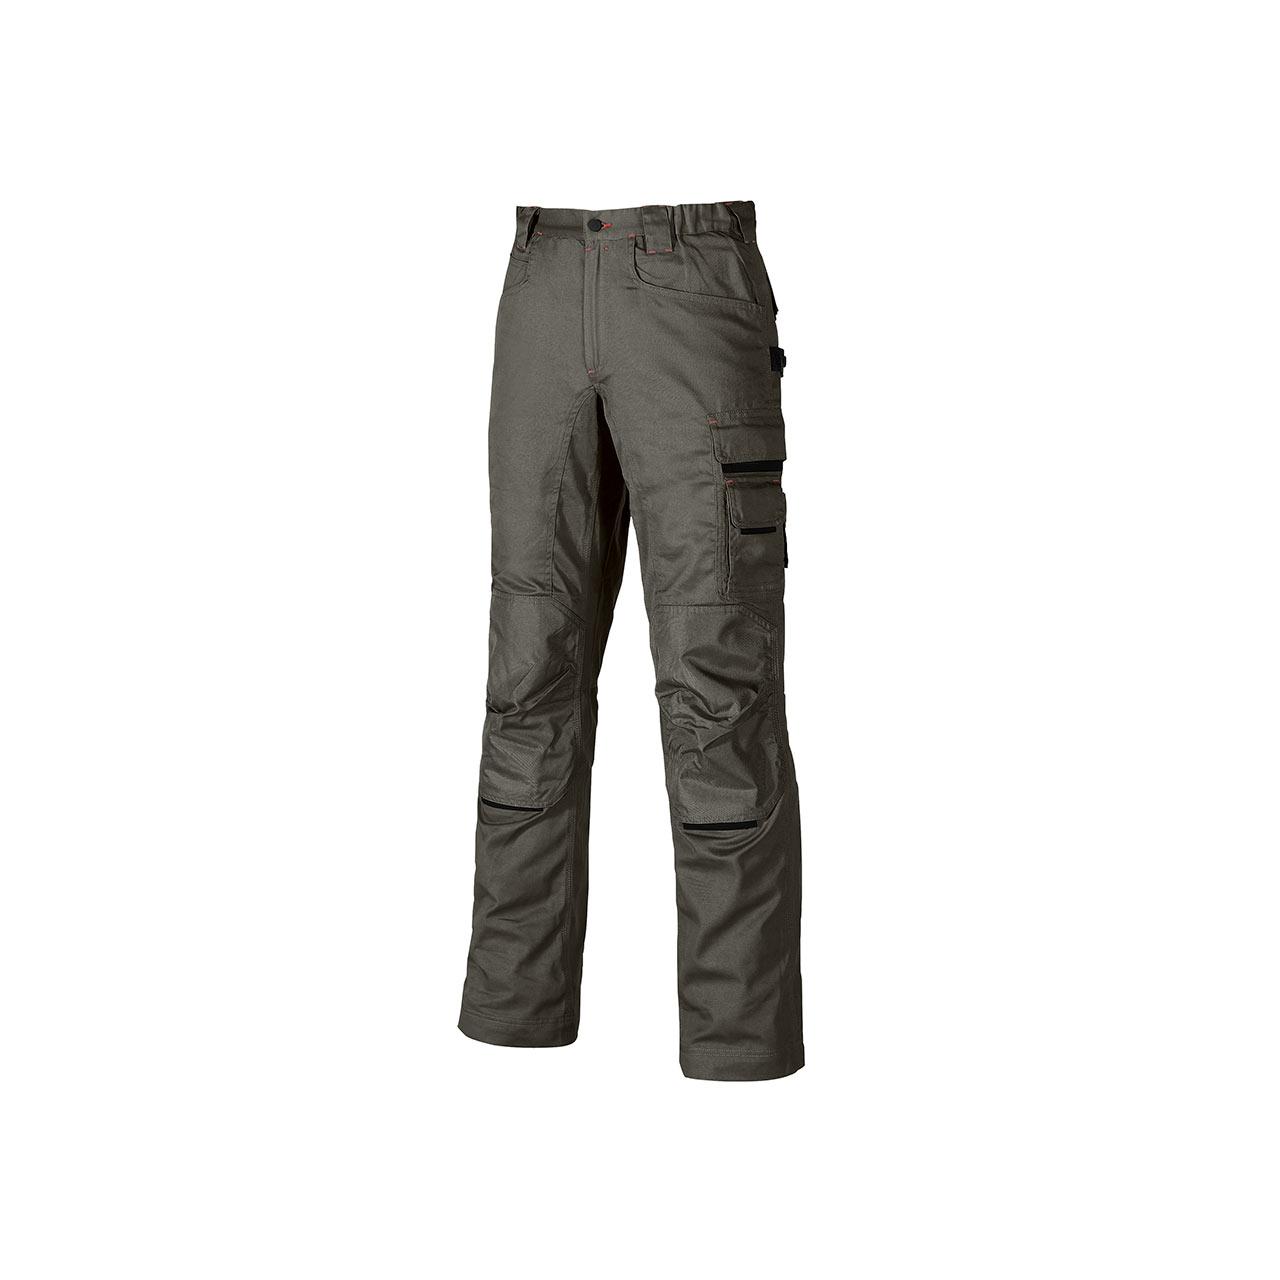 pantalone da lavoro upower modello nimble colore stone